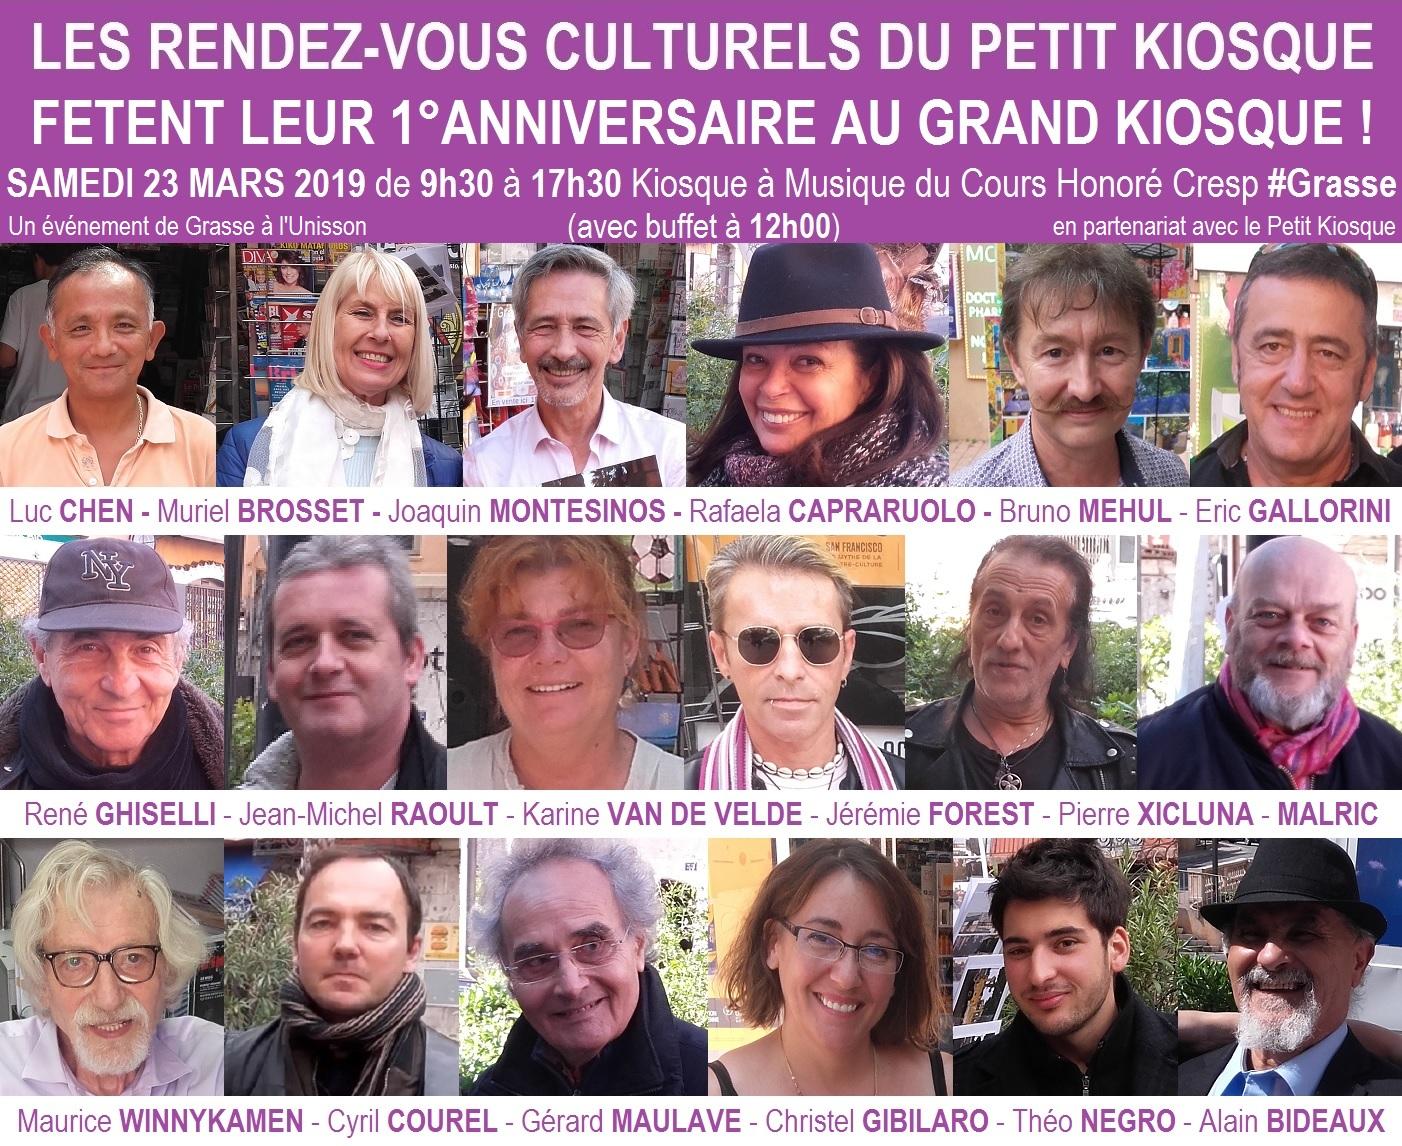 Les Rendez-Vous Culturels du Petit Kiosque 50 GAU 3[6068].jpg